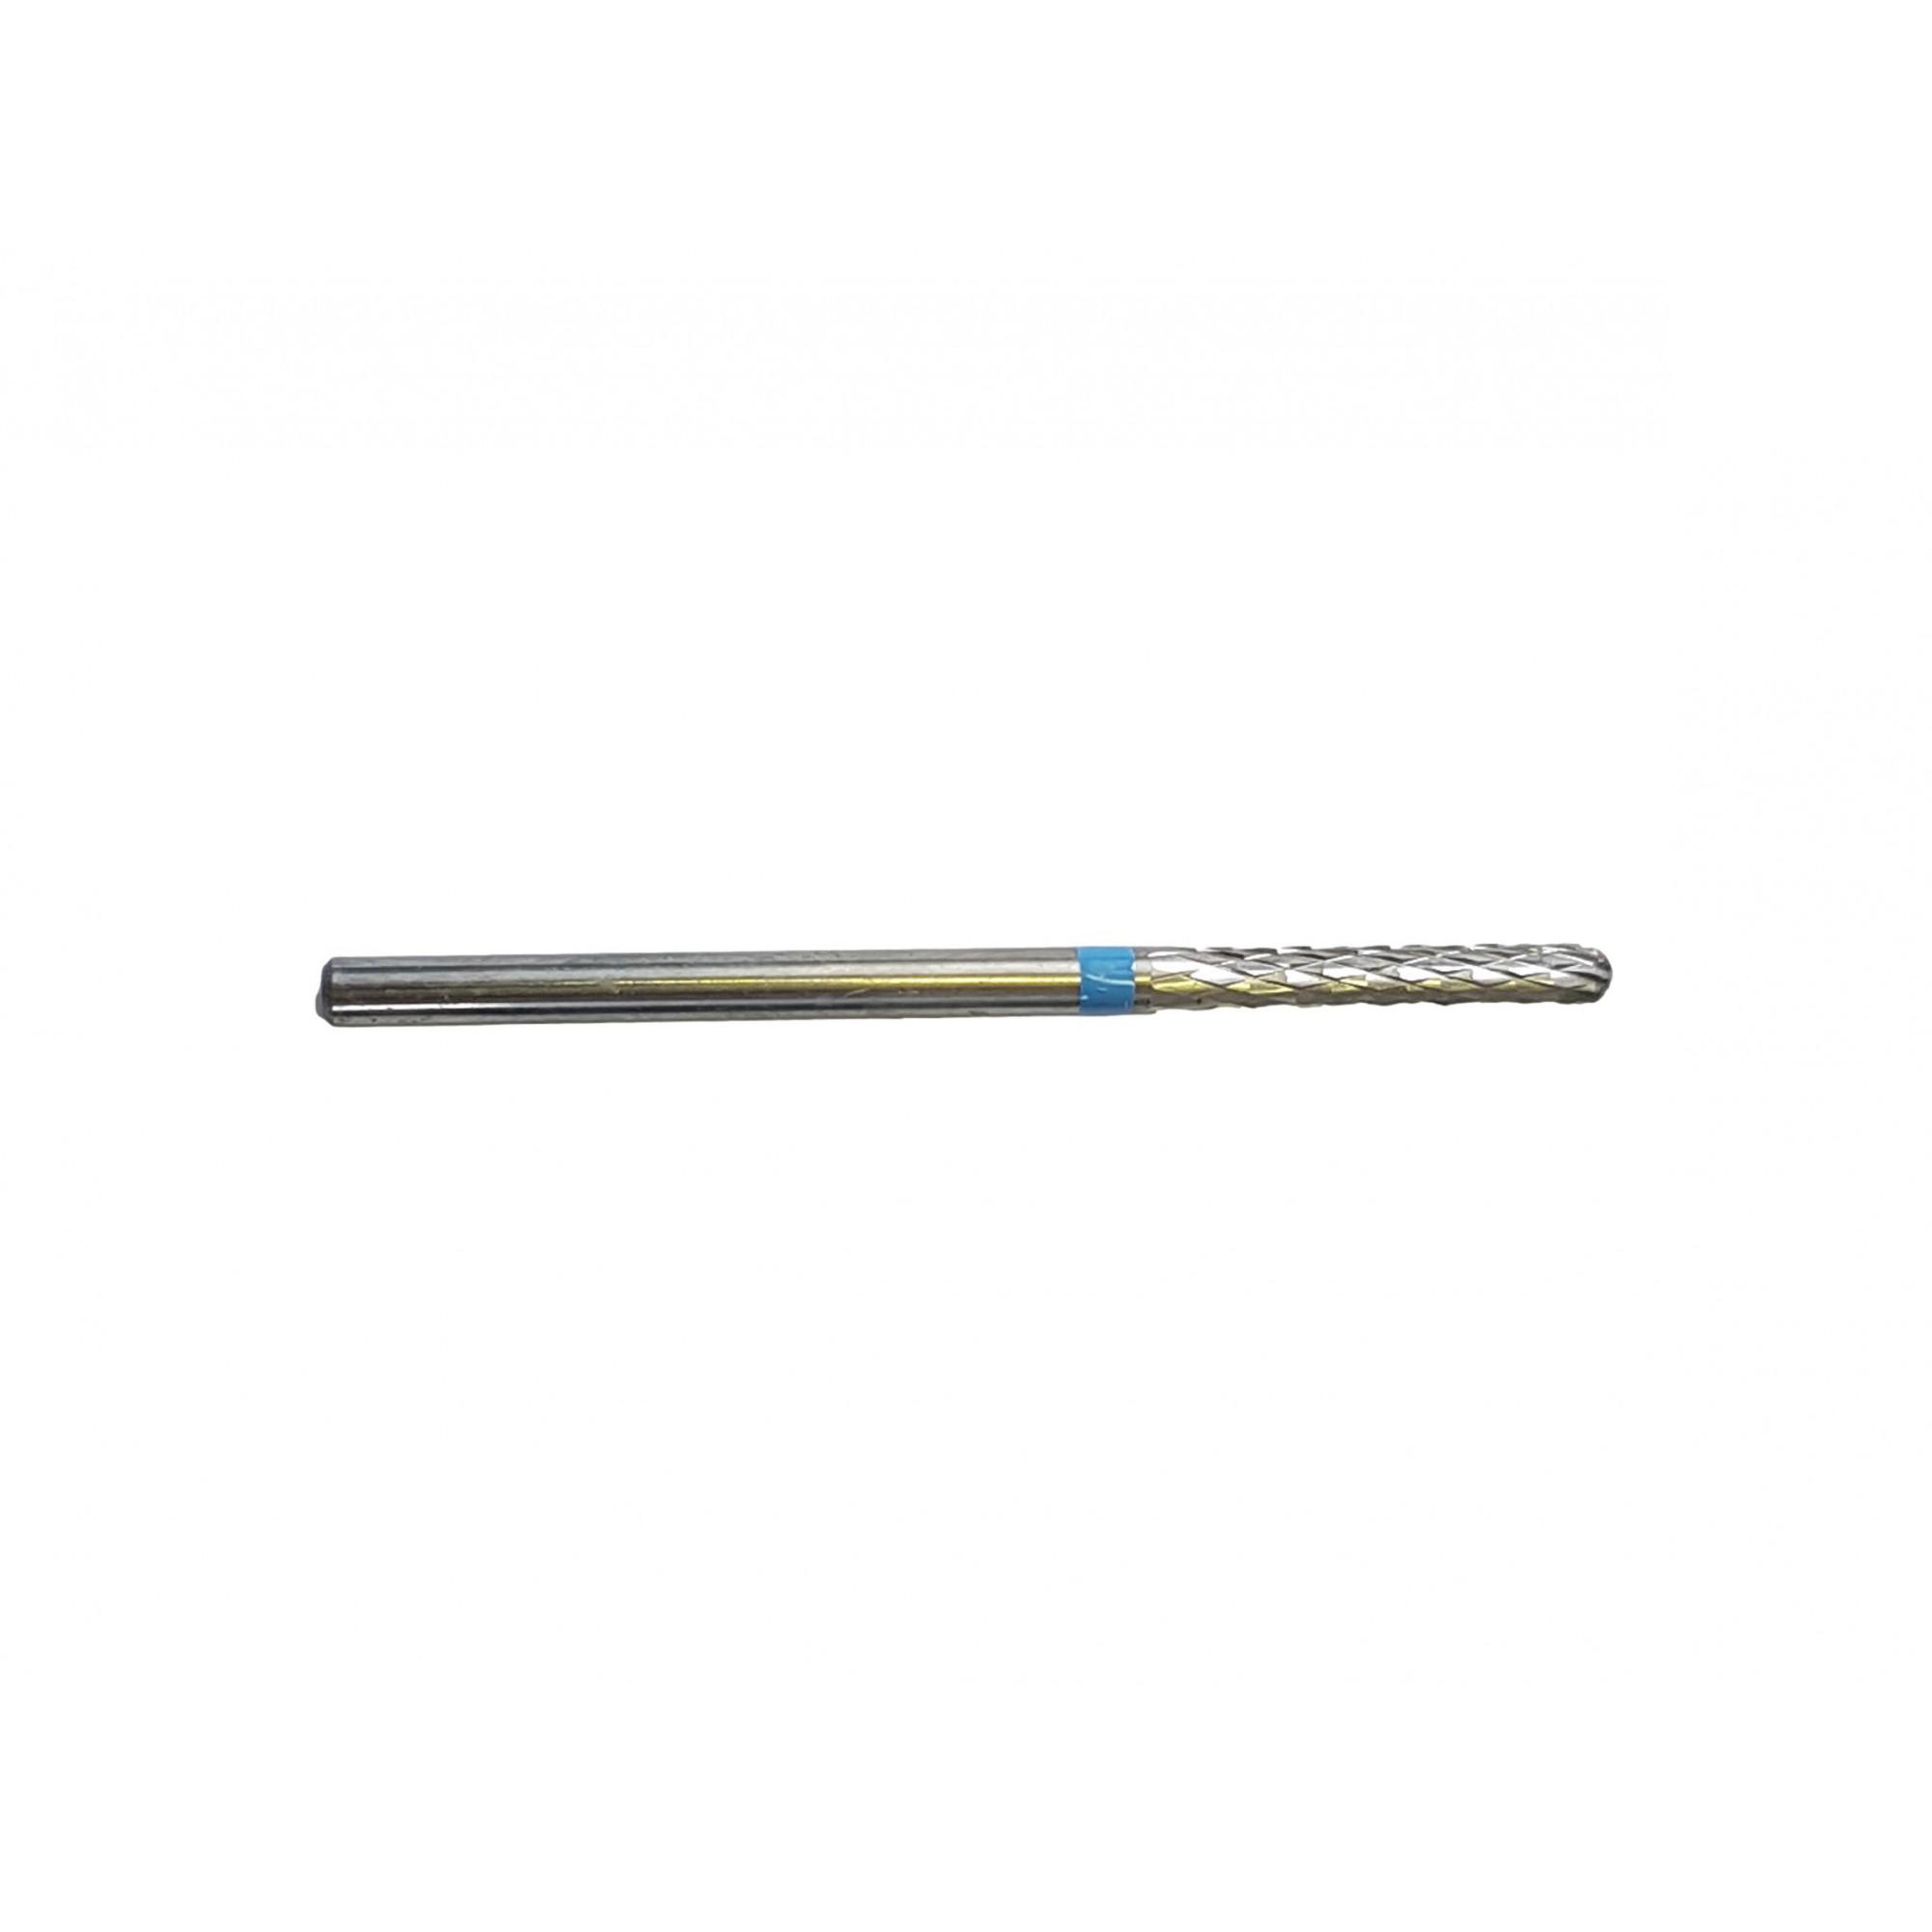 Fraise E0210 Carbure de tungstène - Traitement et finition des ongles - Denture croisée moyenne - 2,3 mm